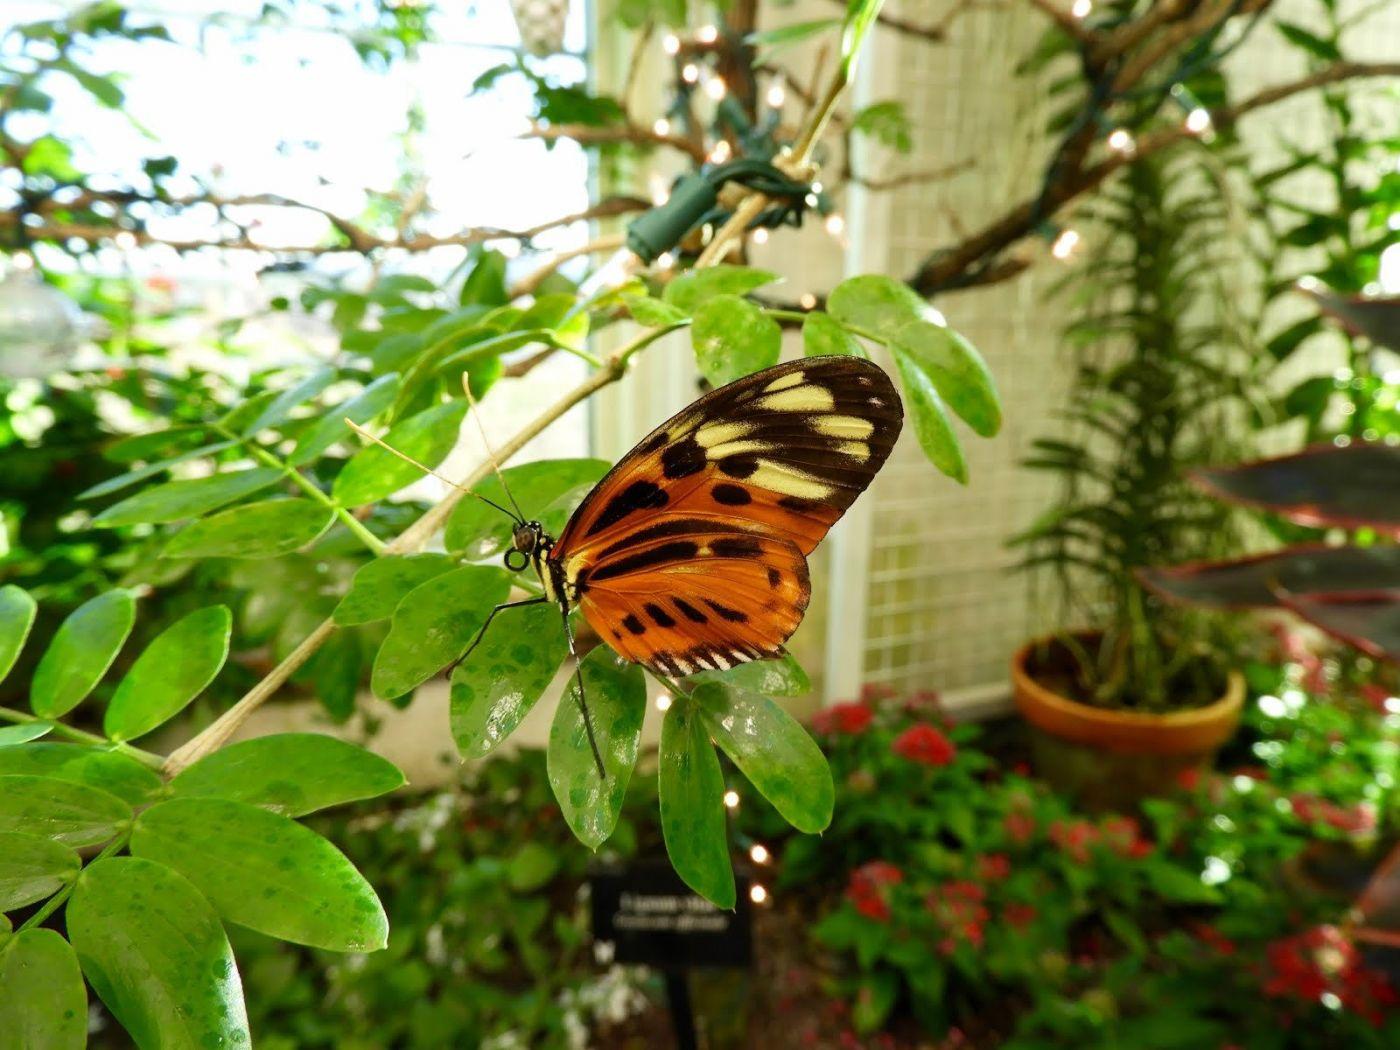 赫尔希花园看蝴蝶_图1-6